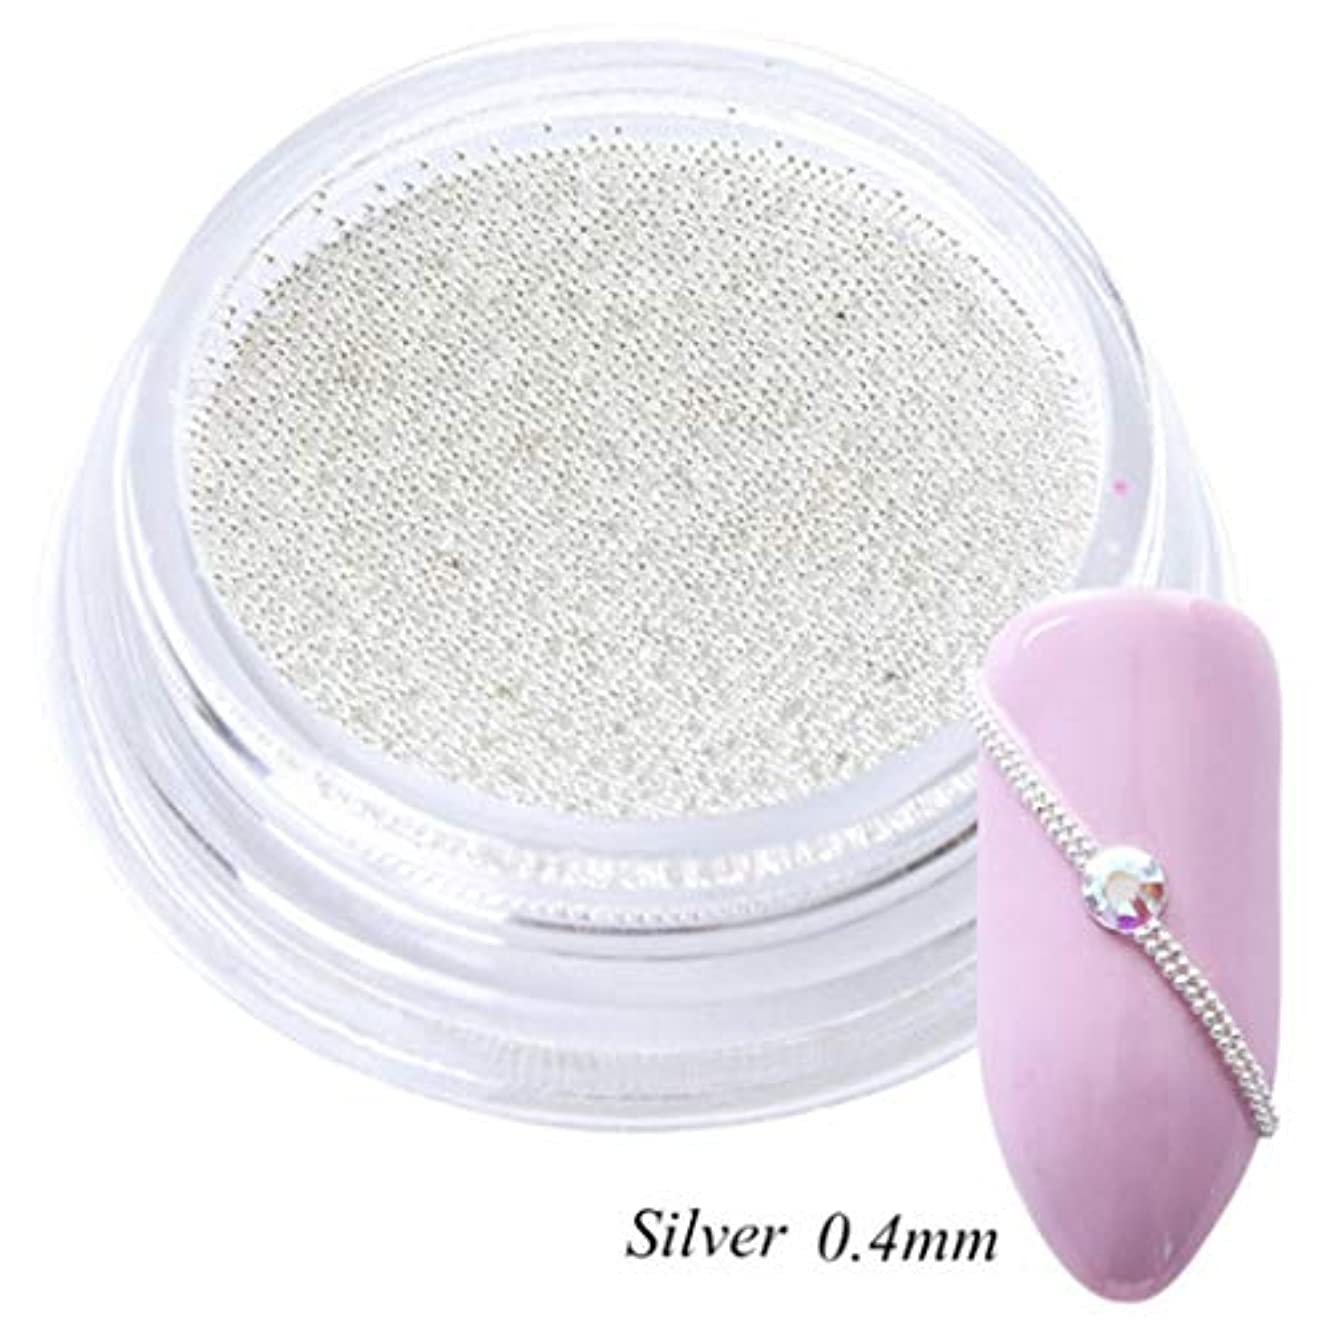 退院冷酷なきょうだいYoshilimen Fulultless 12グラム0.4 mmネイルアート金属ミニキャビアビーズ3 Dチャームラインストーンマイクロビーズ装飾(None 0.4 mm Pearl Silver(White Bottle) 12g)